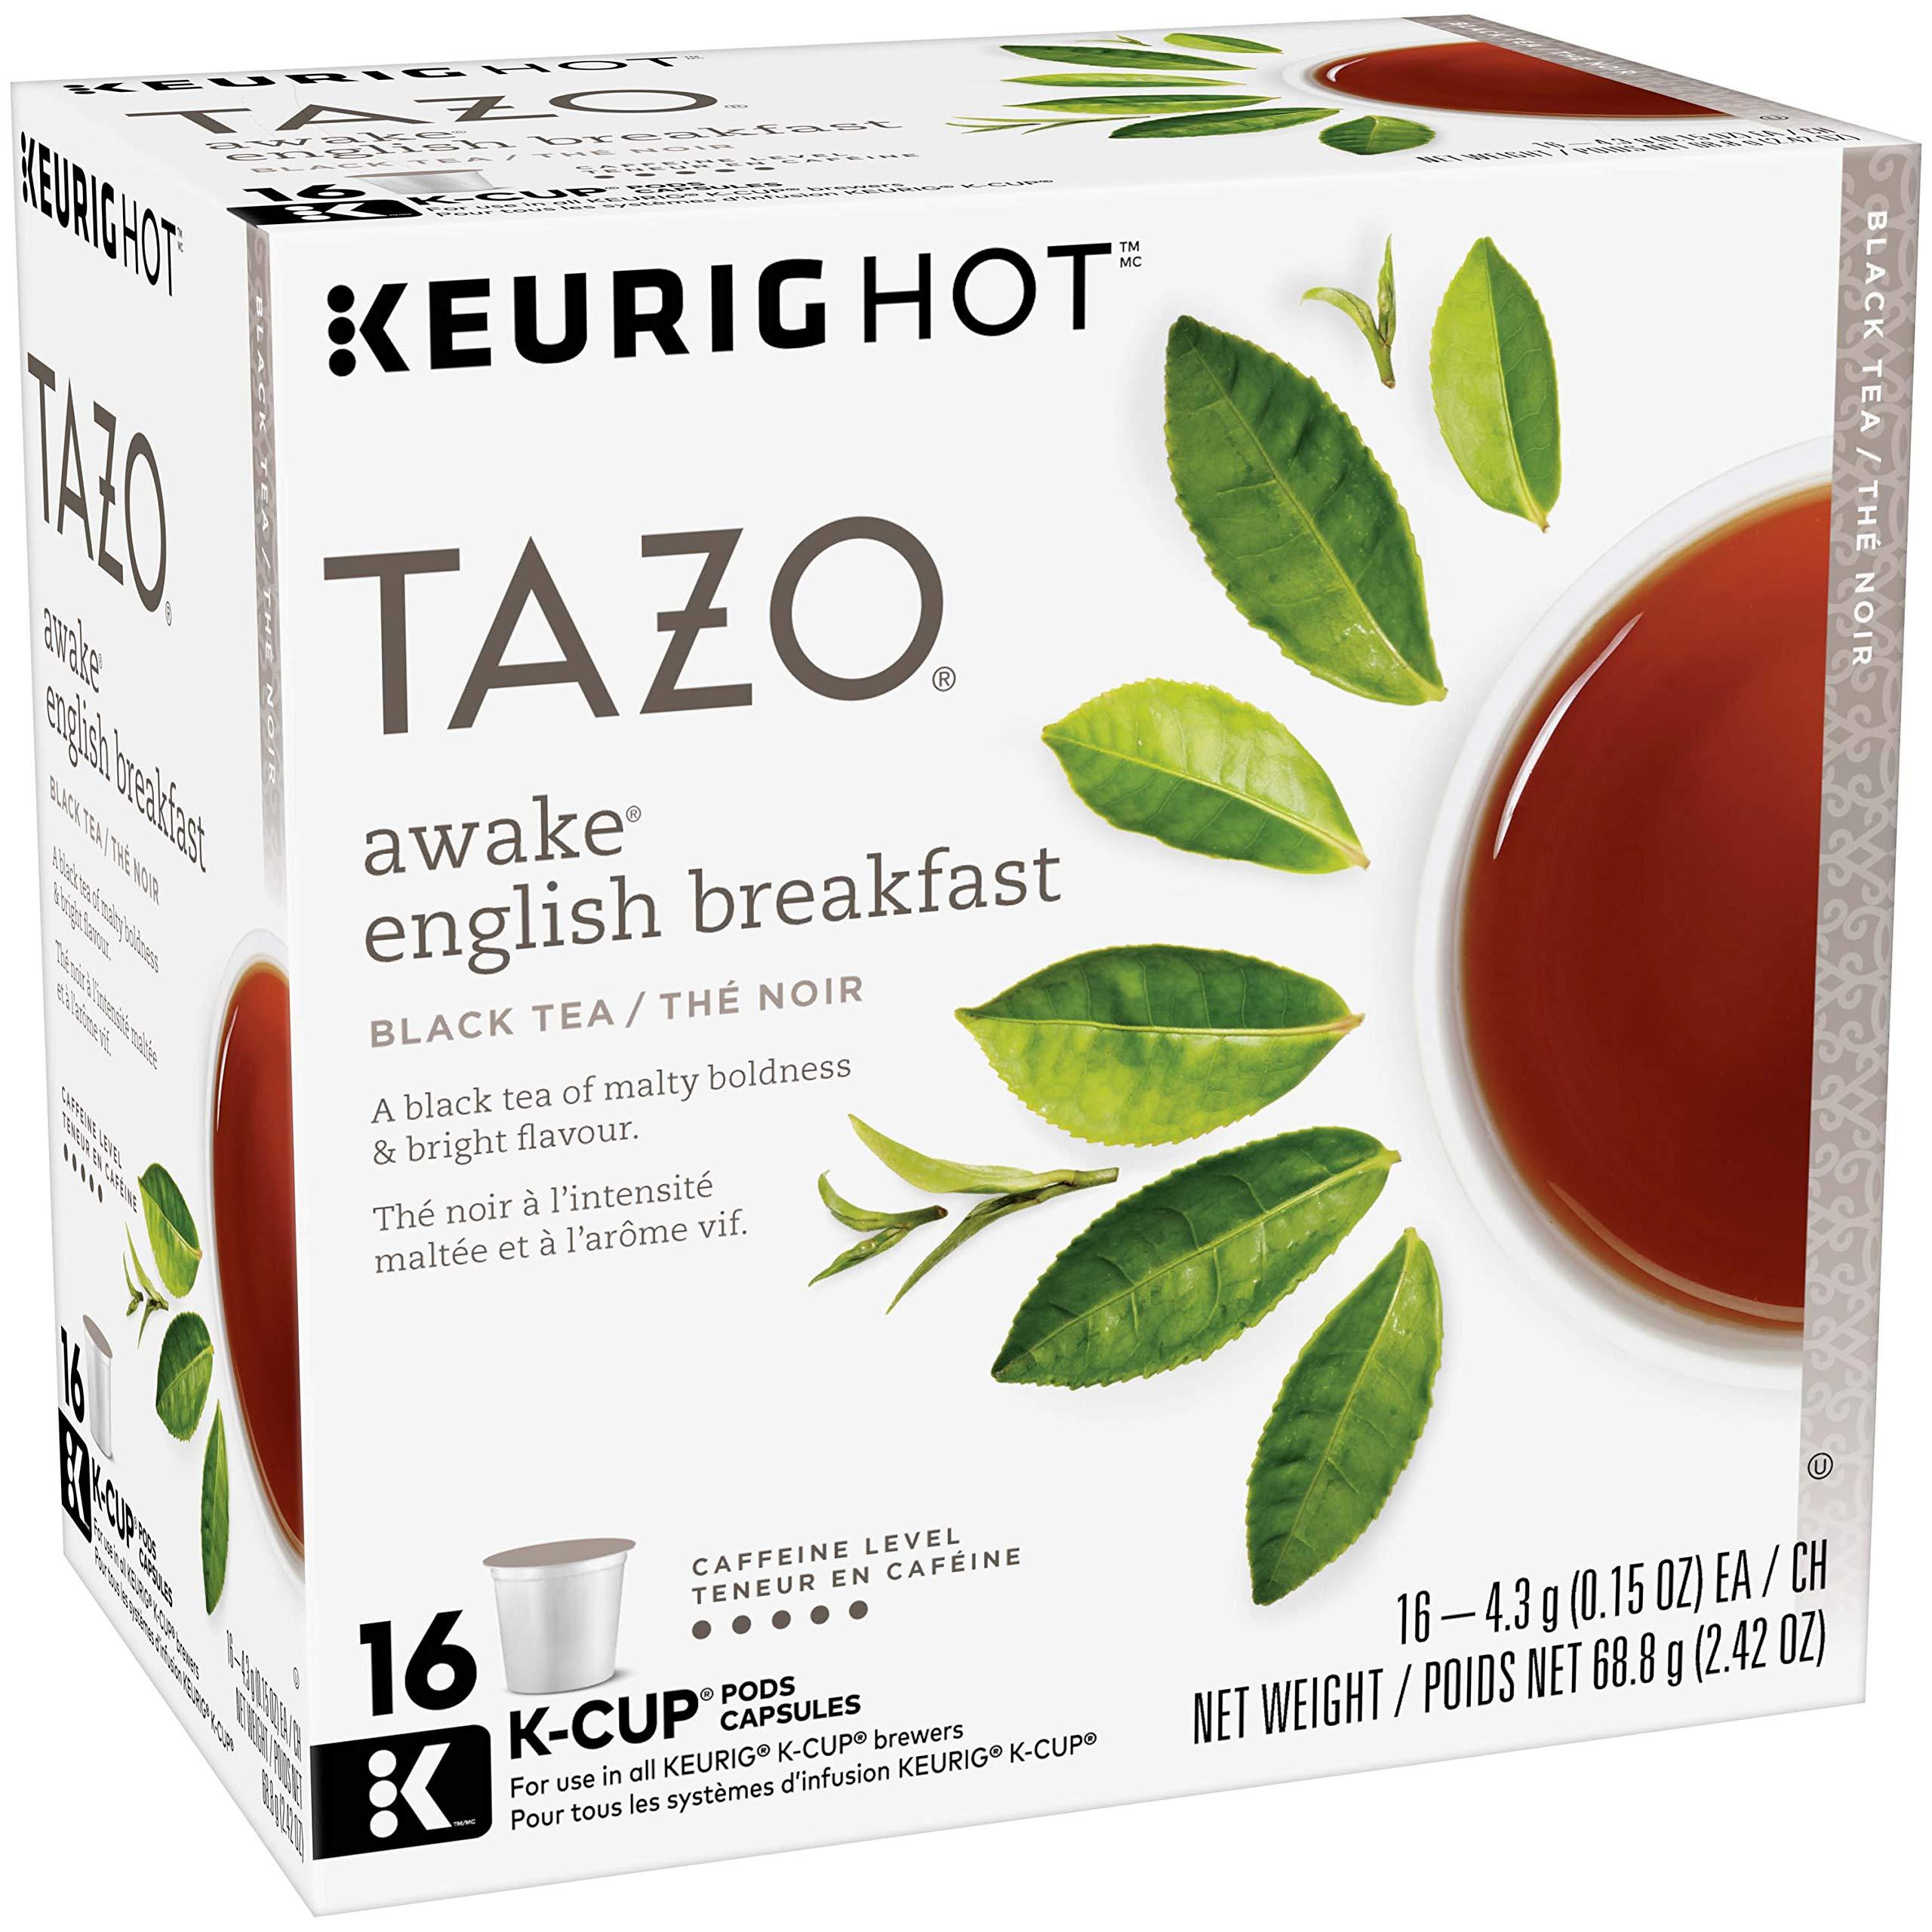 Tazo Awake English Breakfast Black Tea, K Cup, 16 count